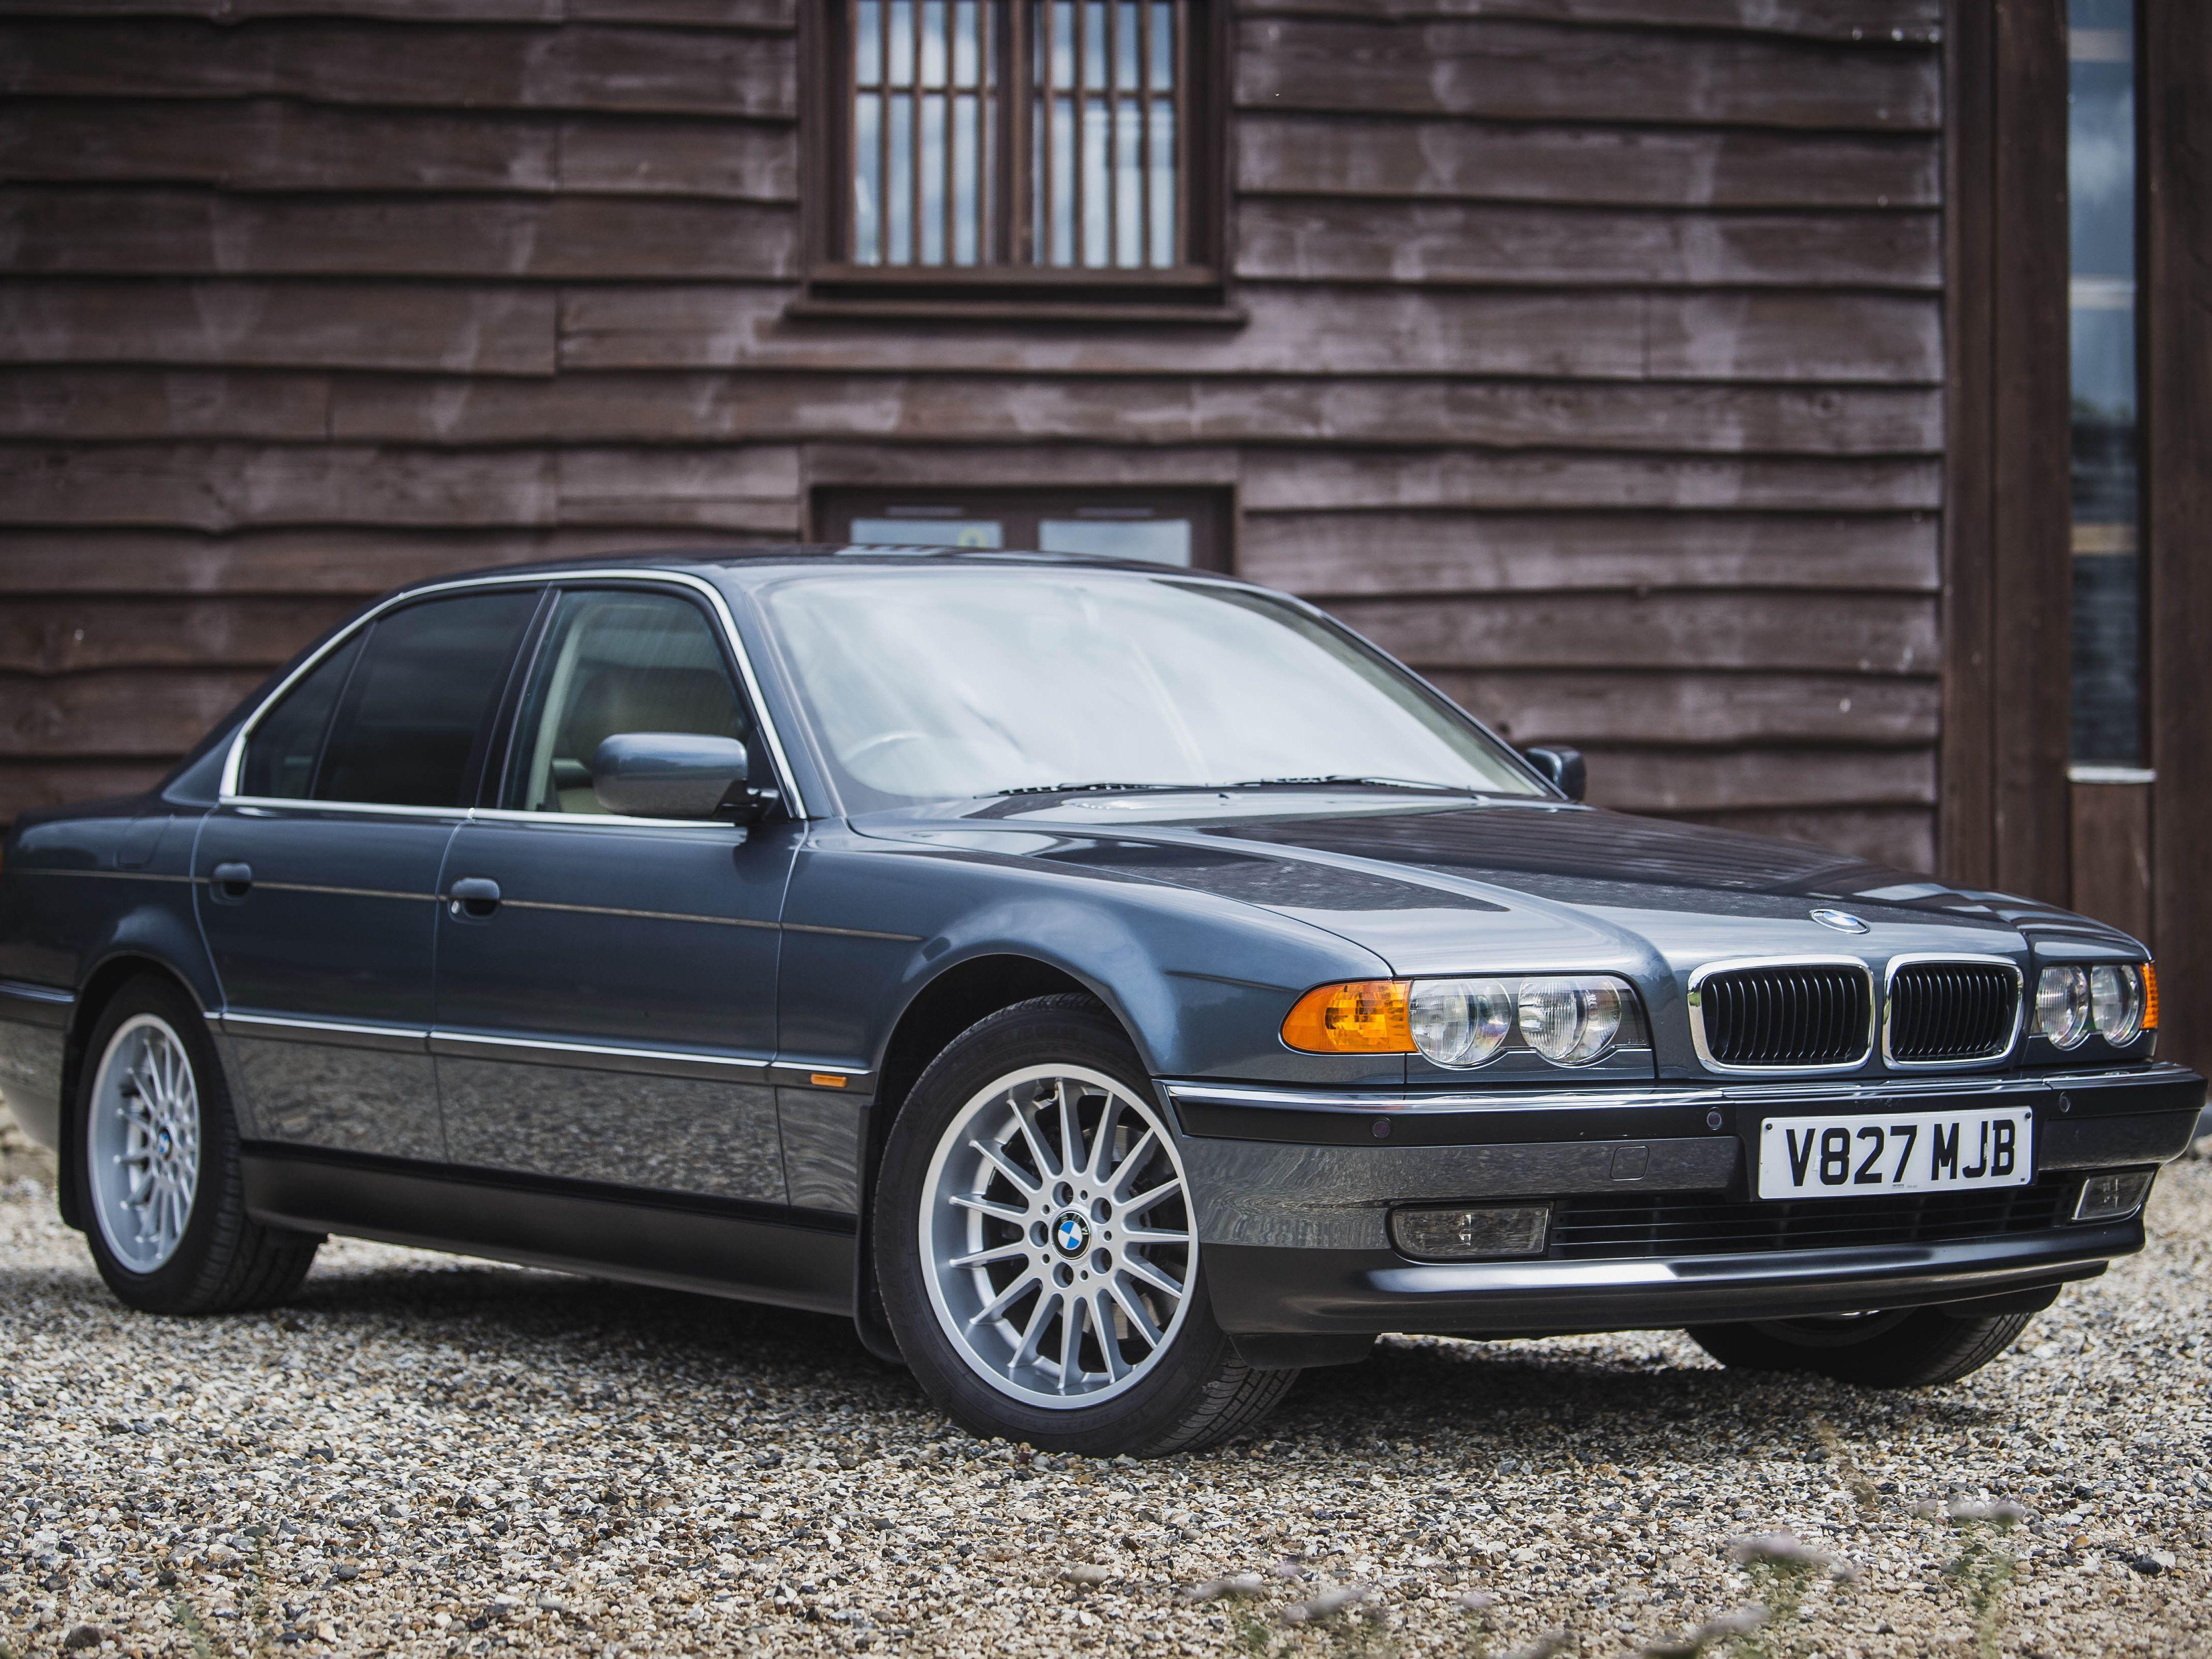 2000 BMW 728 I